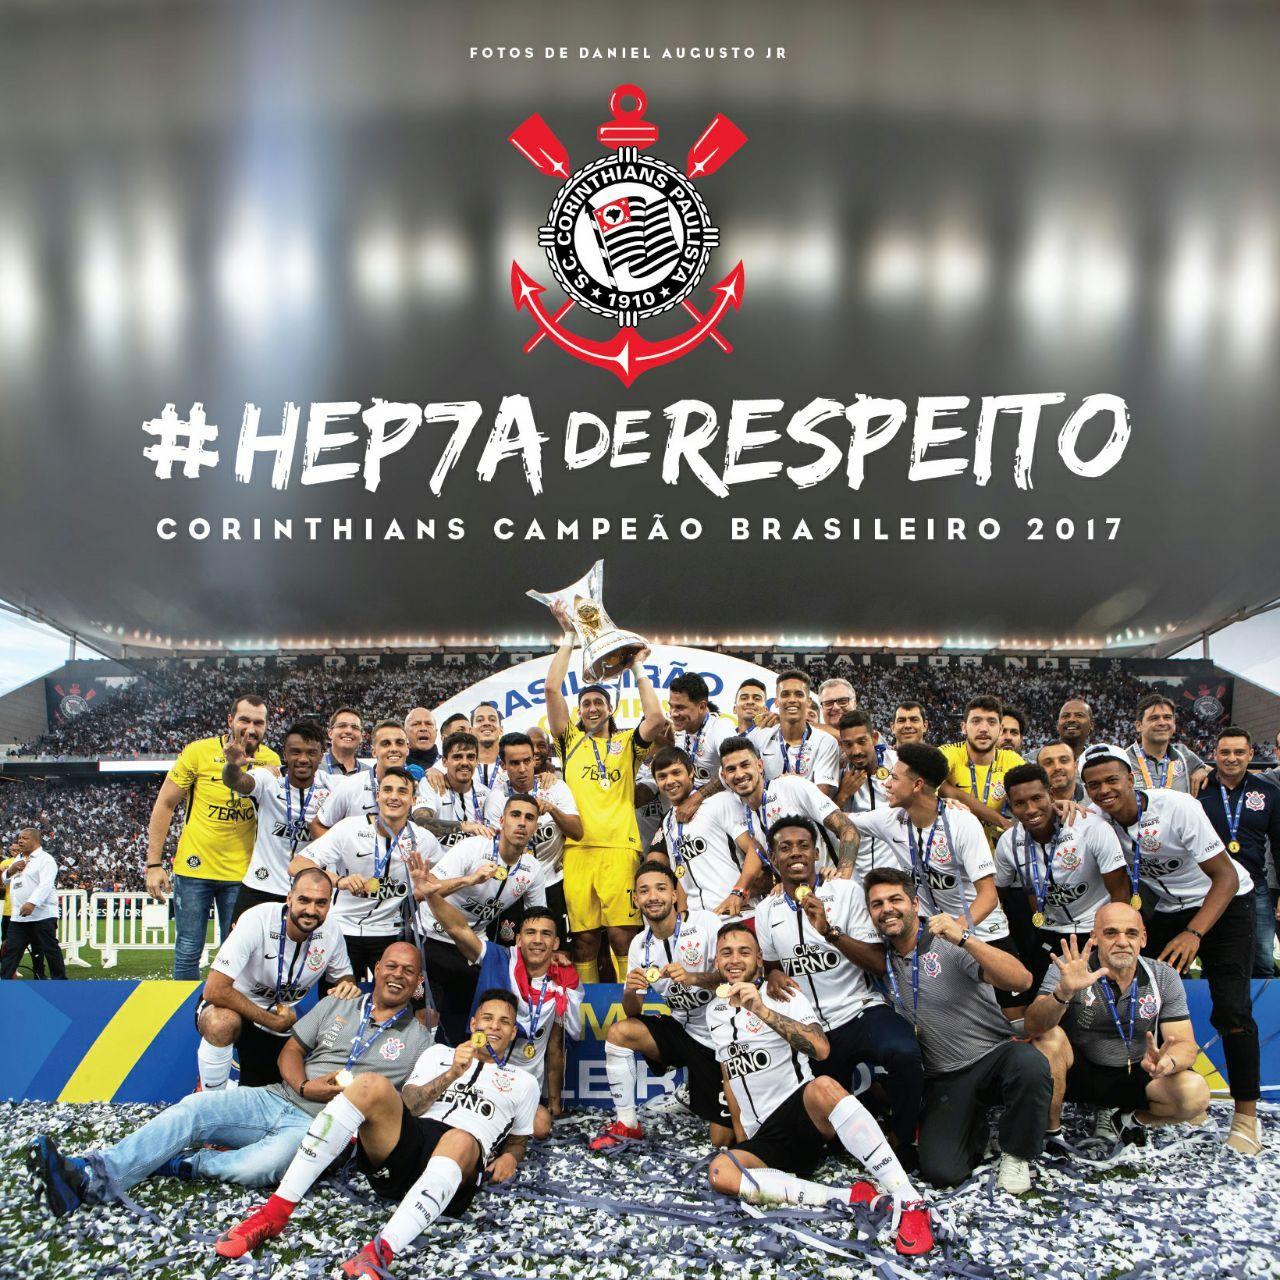 Livro #HEP7AdeRESPEITO + Evento de lançamento no Memorial do Corinthians